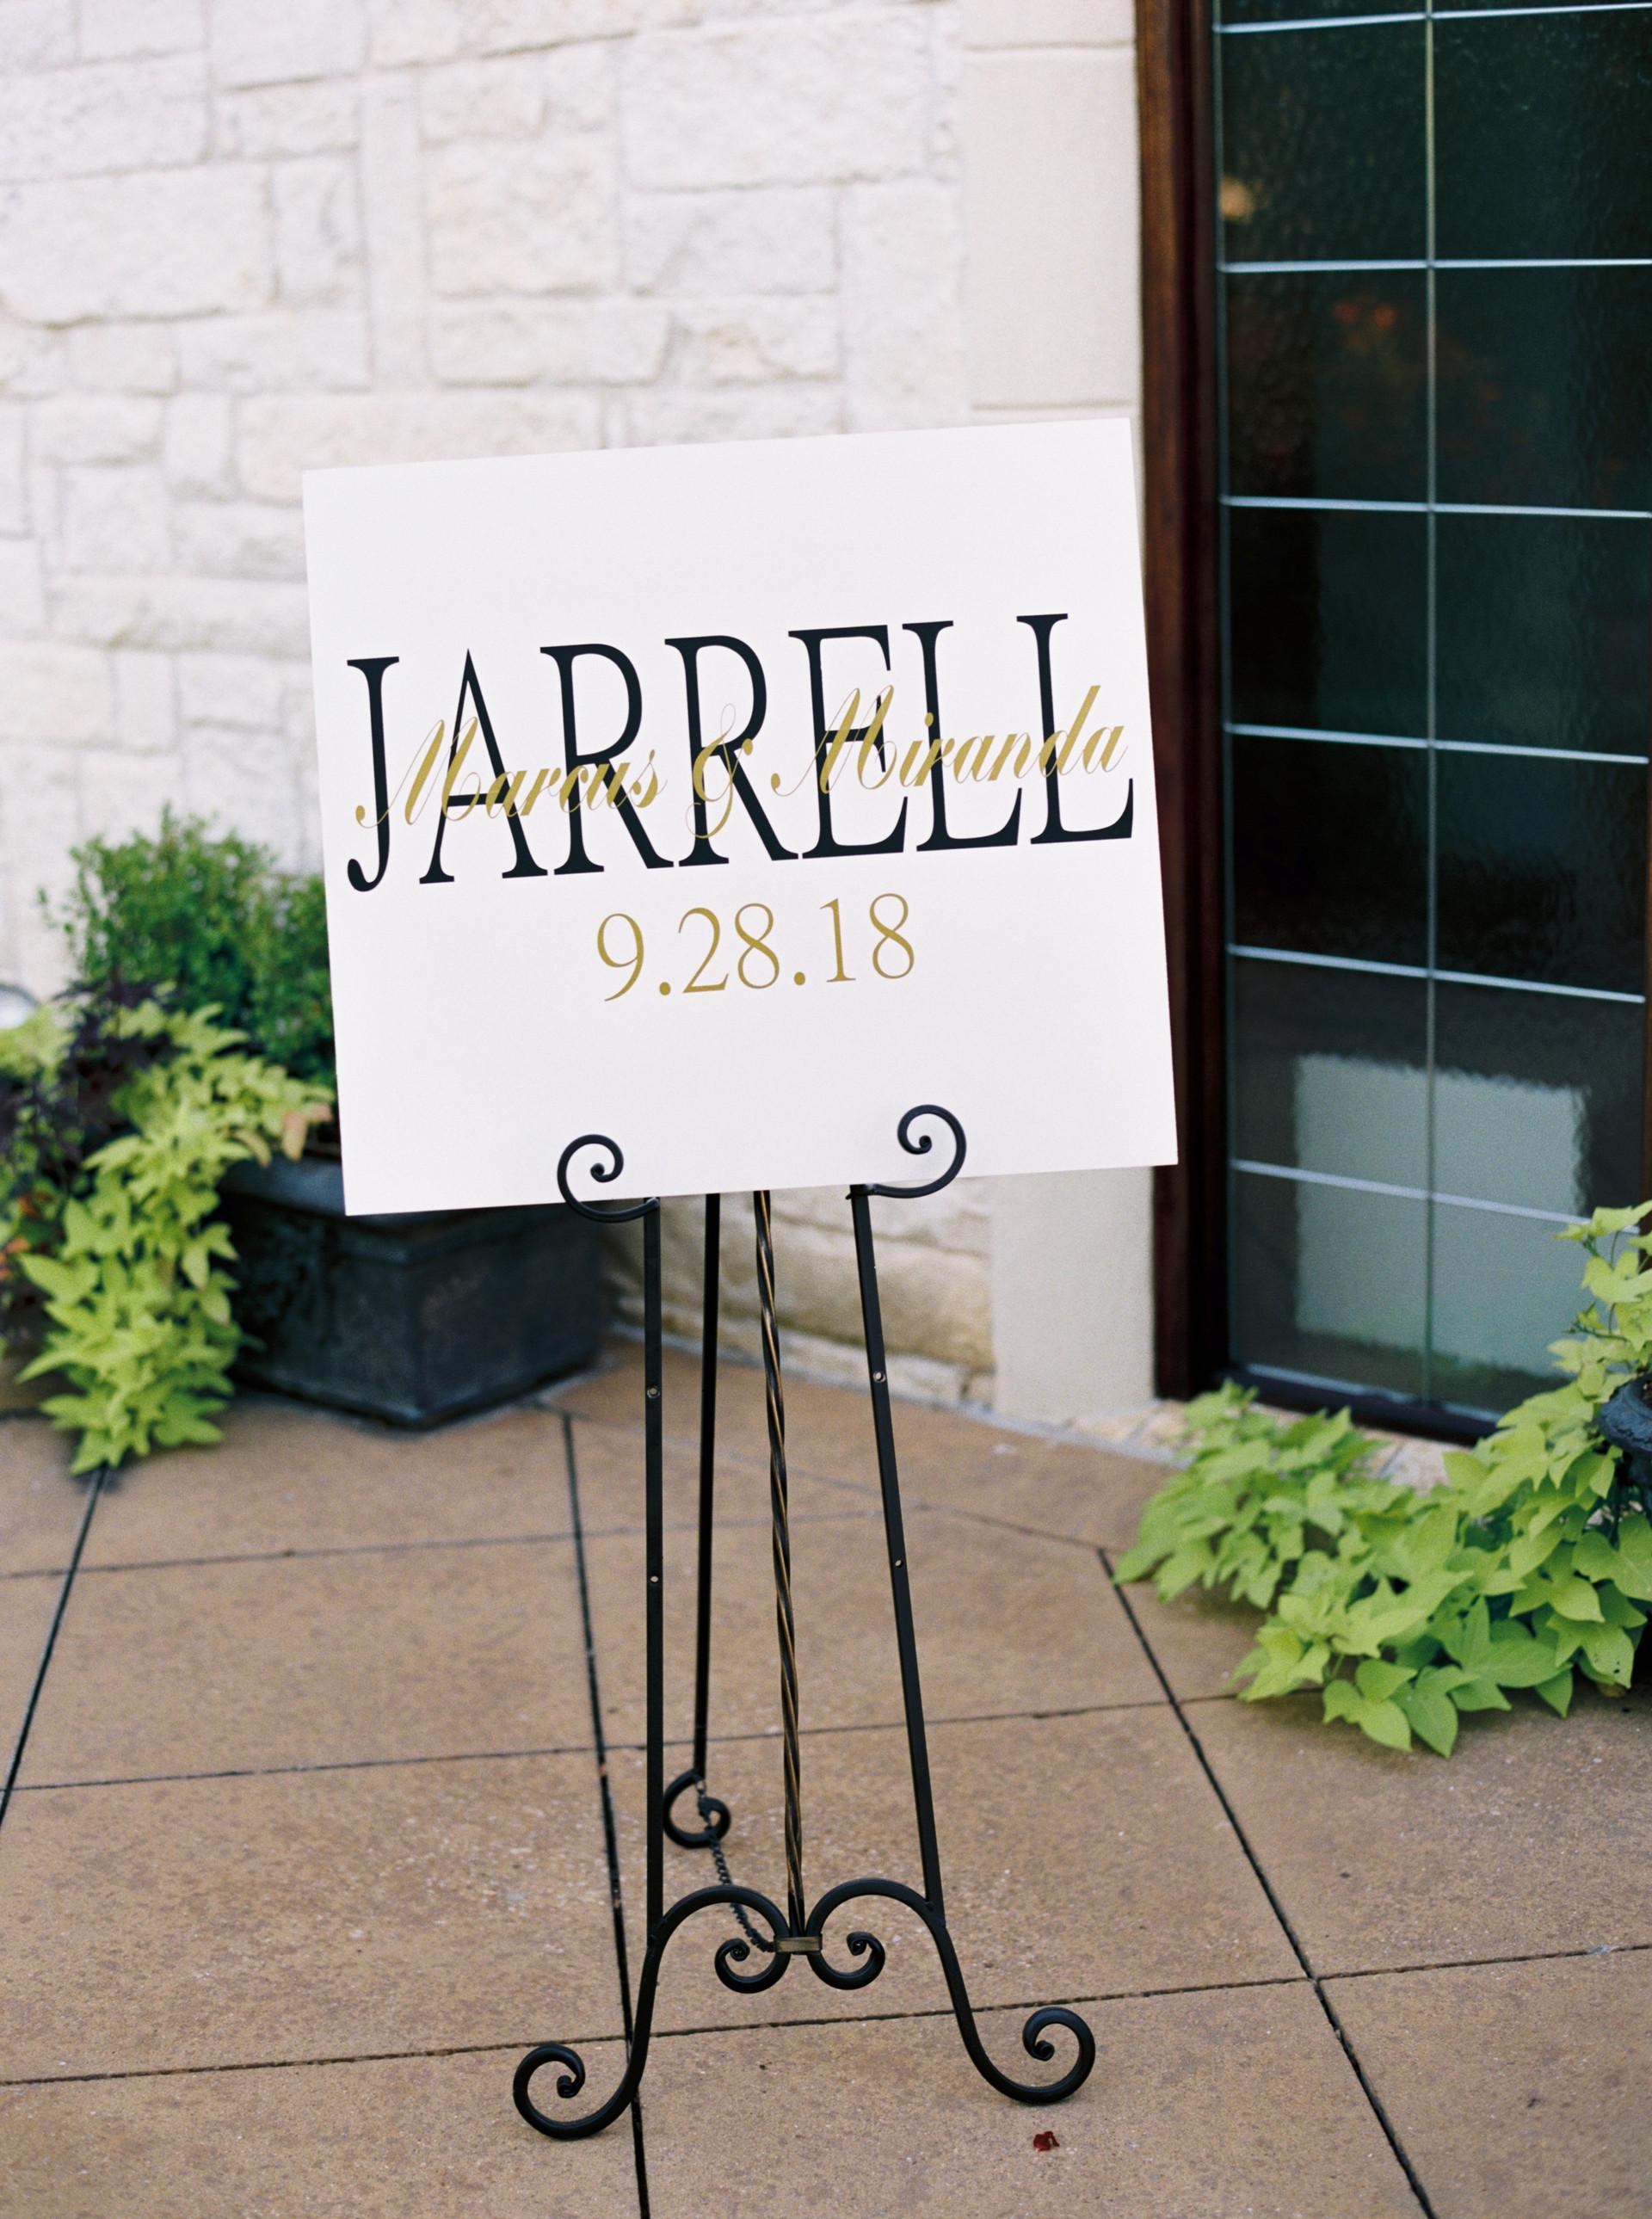 Jarrell-196.jpg